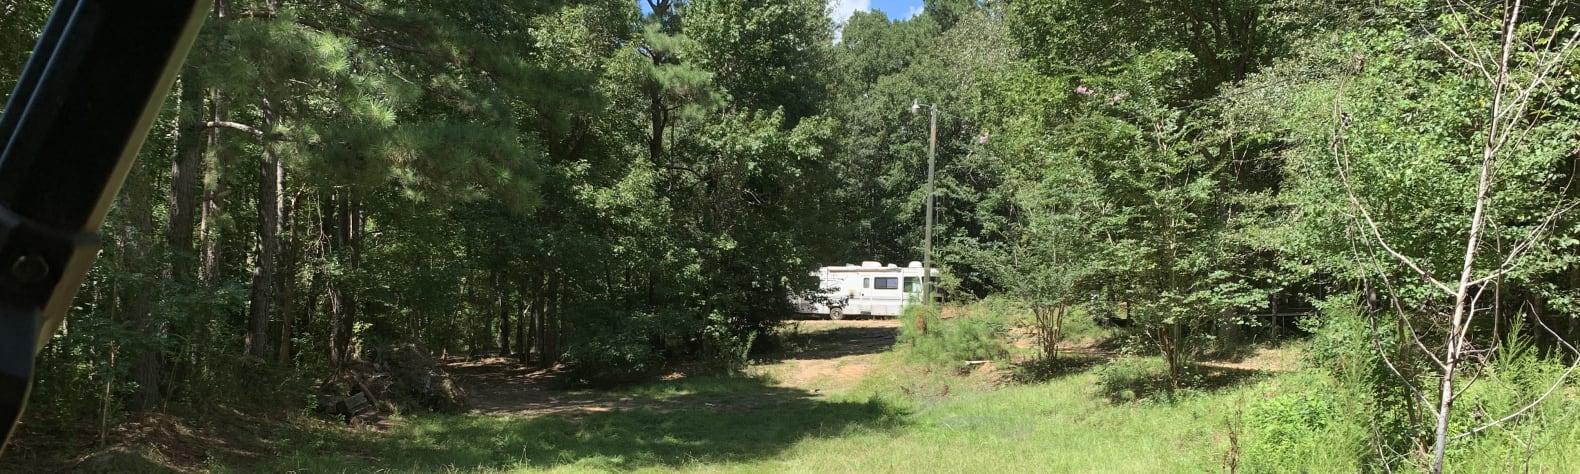 Big Creek Fun Camp